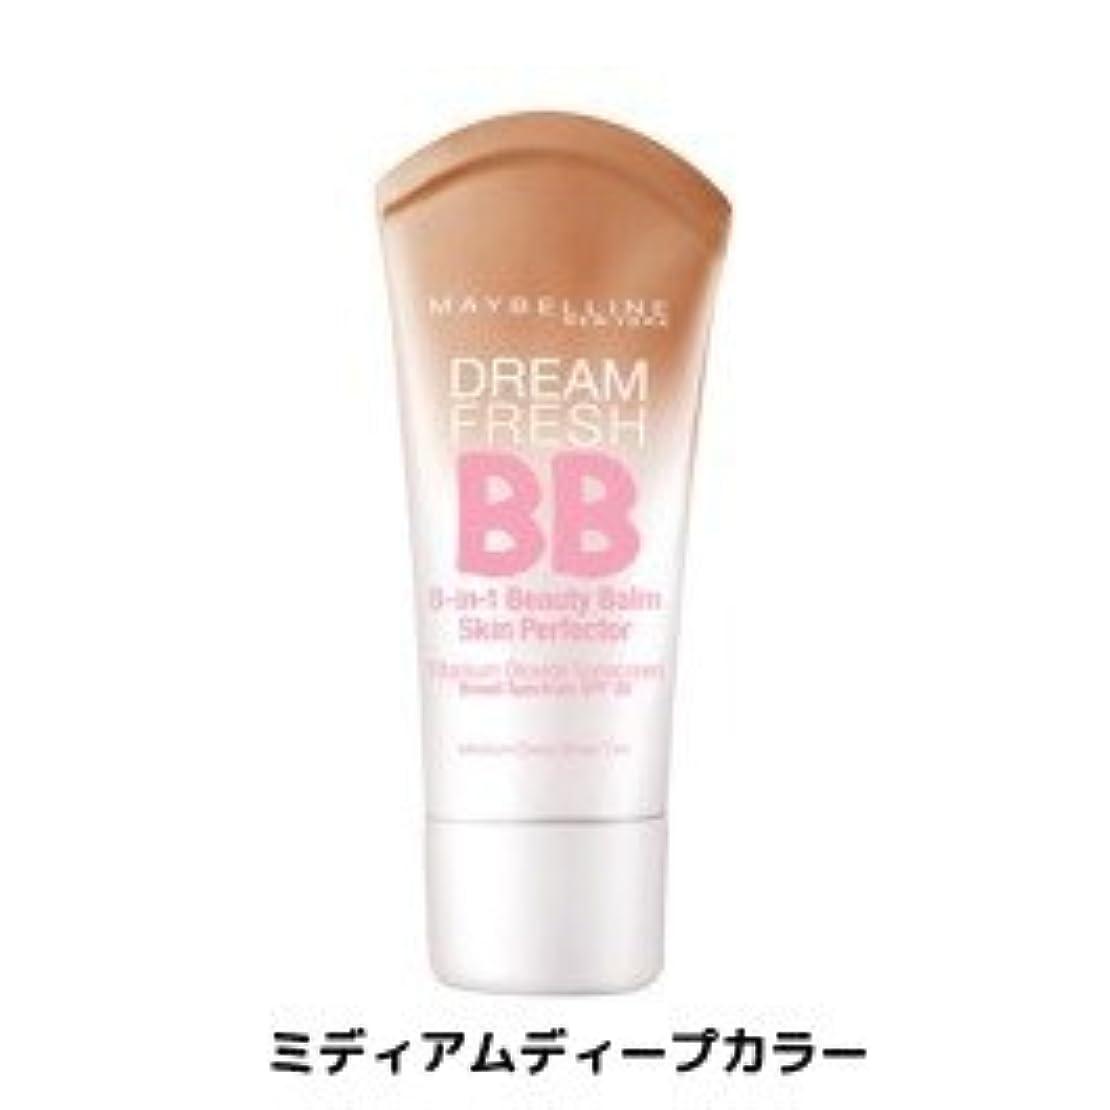 座る恋人どこかメイベリン BBクリーム  SPF 30*Maybelline Dream Fresh BB Cream 30ml【平行輸入品】 (ミディアムディープカラー)